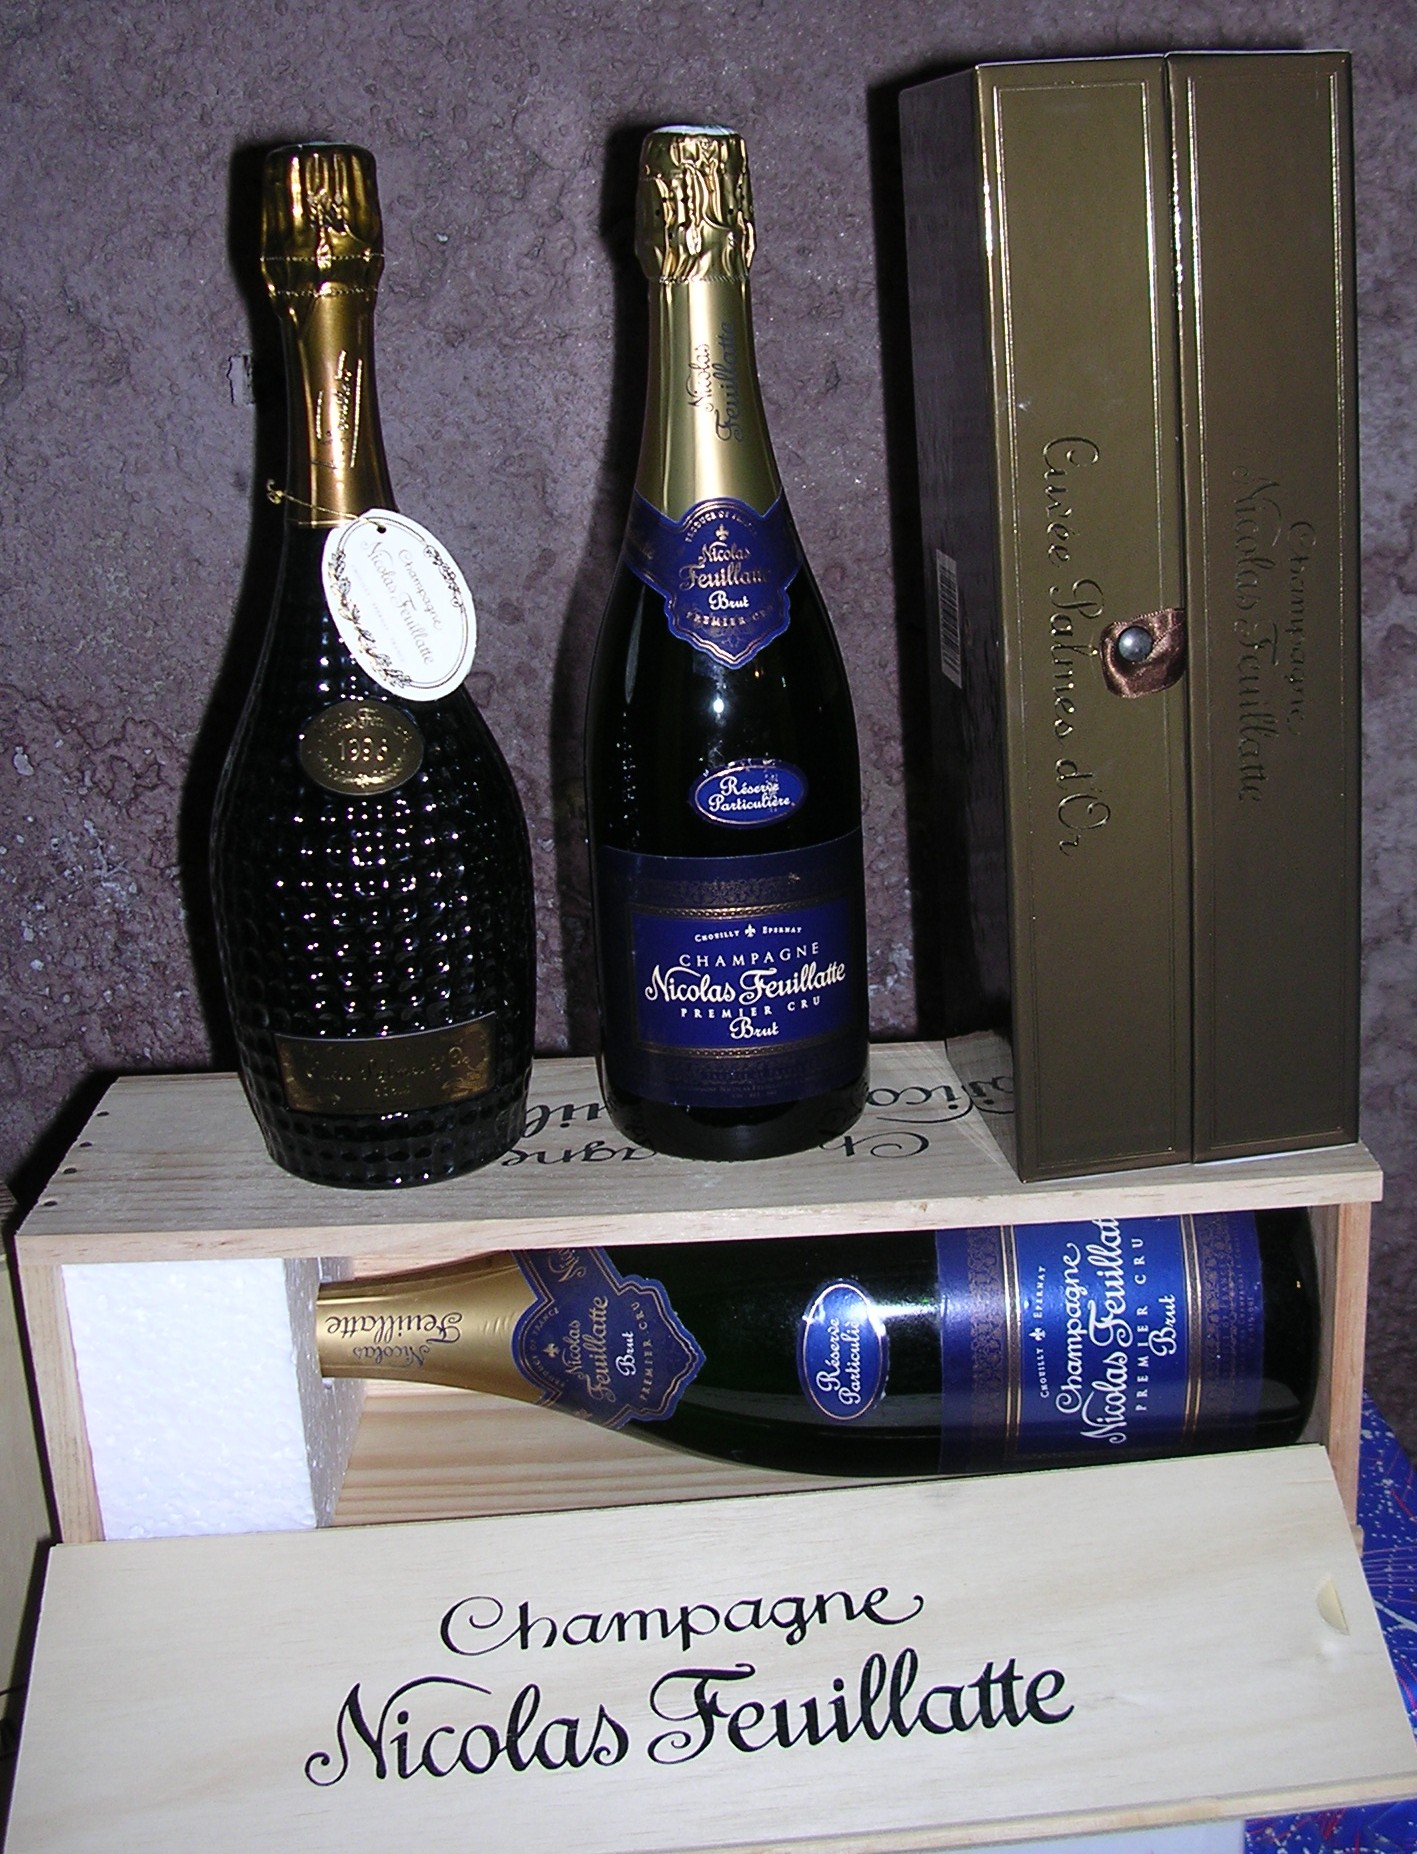 centre vinicole champagne nicolas feuillatte wikipedia. Black Bedroom Furniture Sets. Home Design Ideas